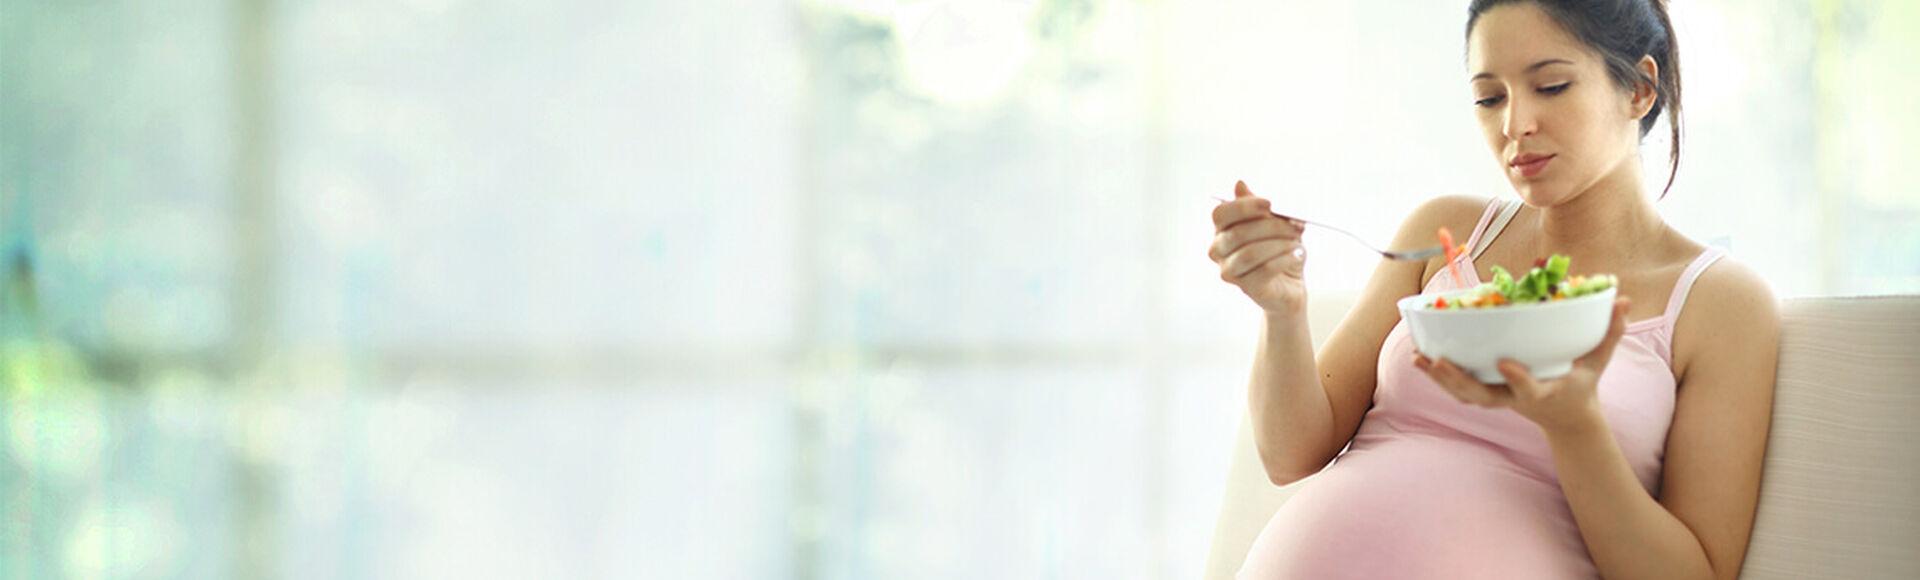 Recomendaciones nutricionales en el embarazo | Más Abrazos by Huggies